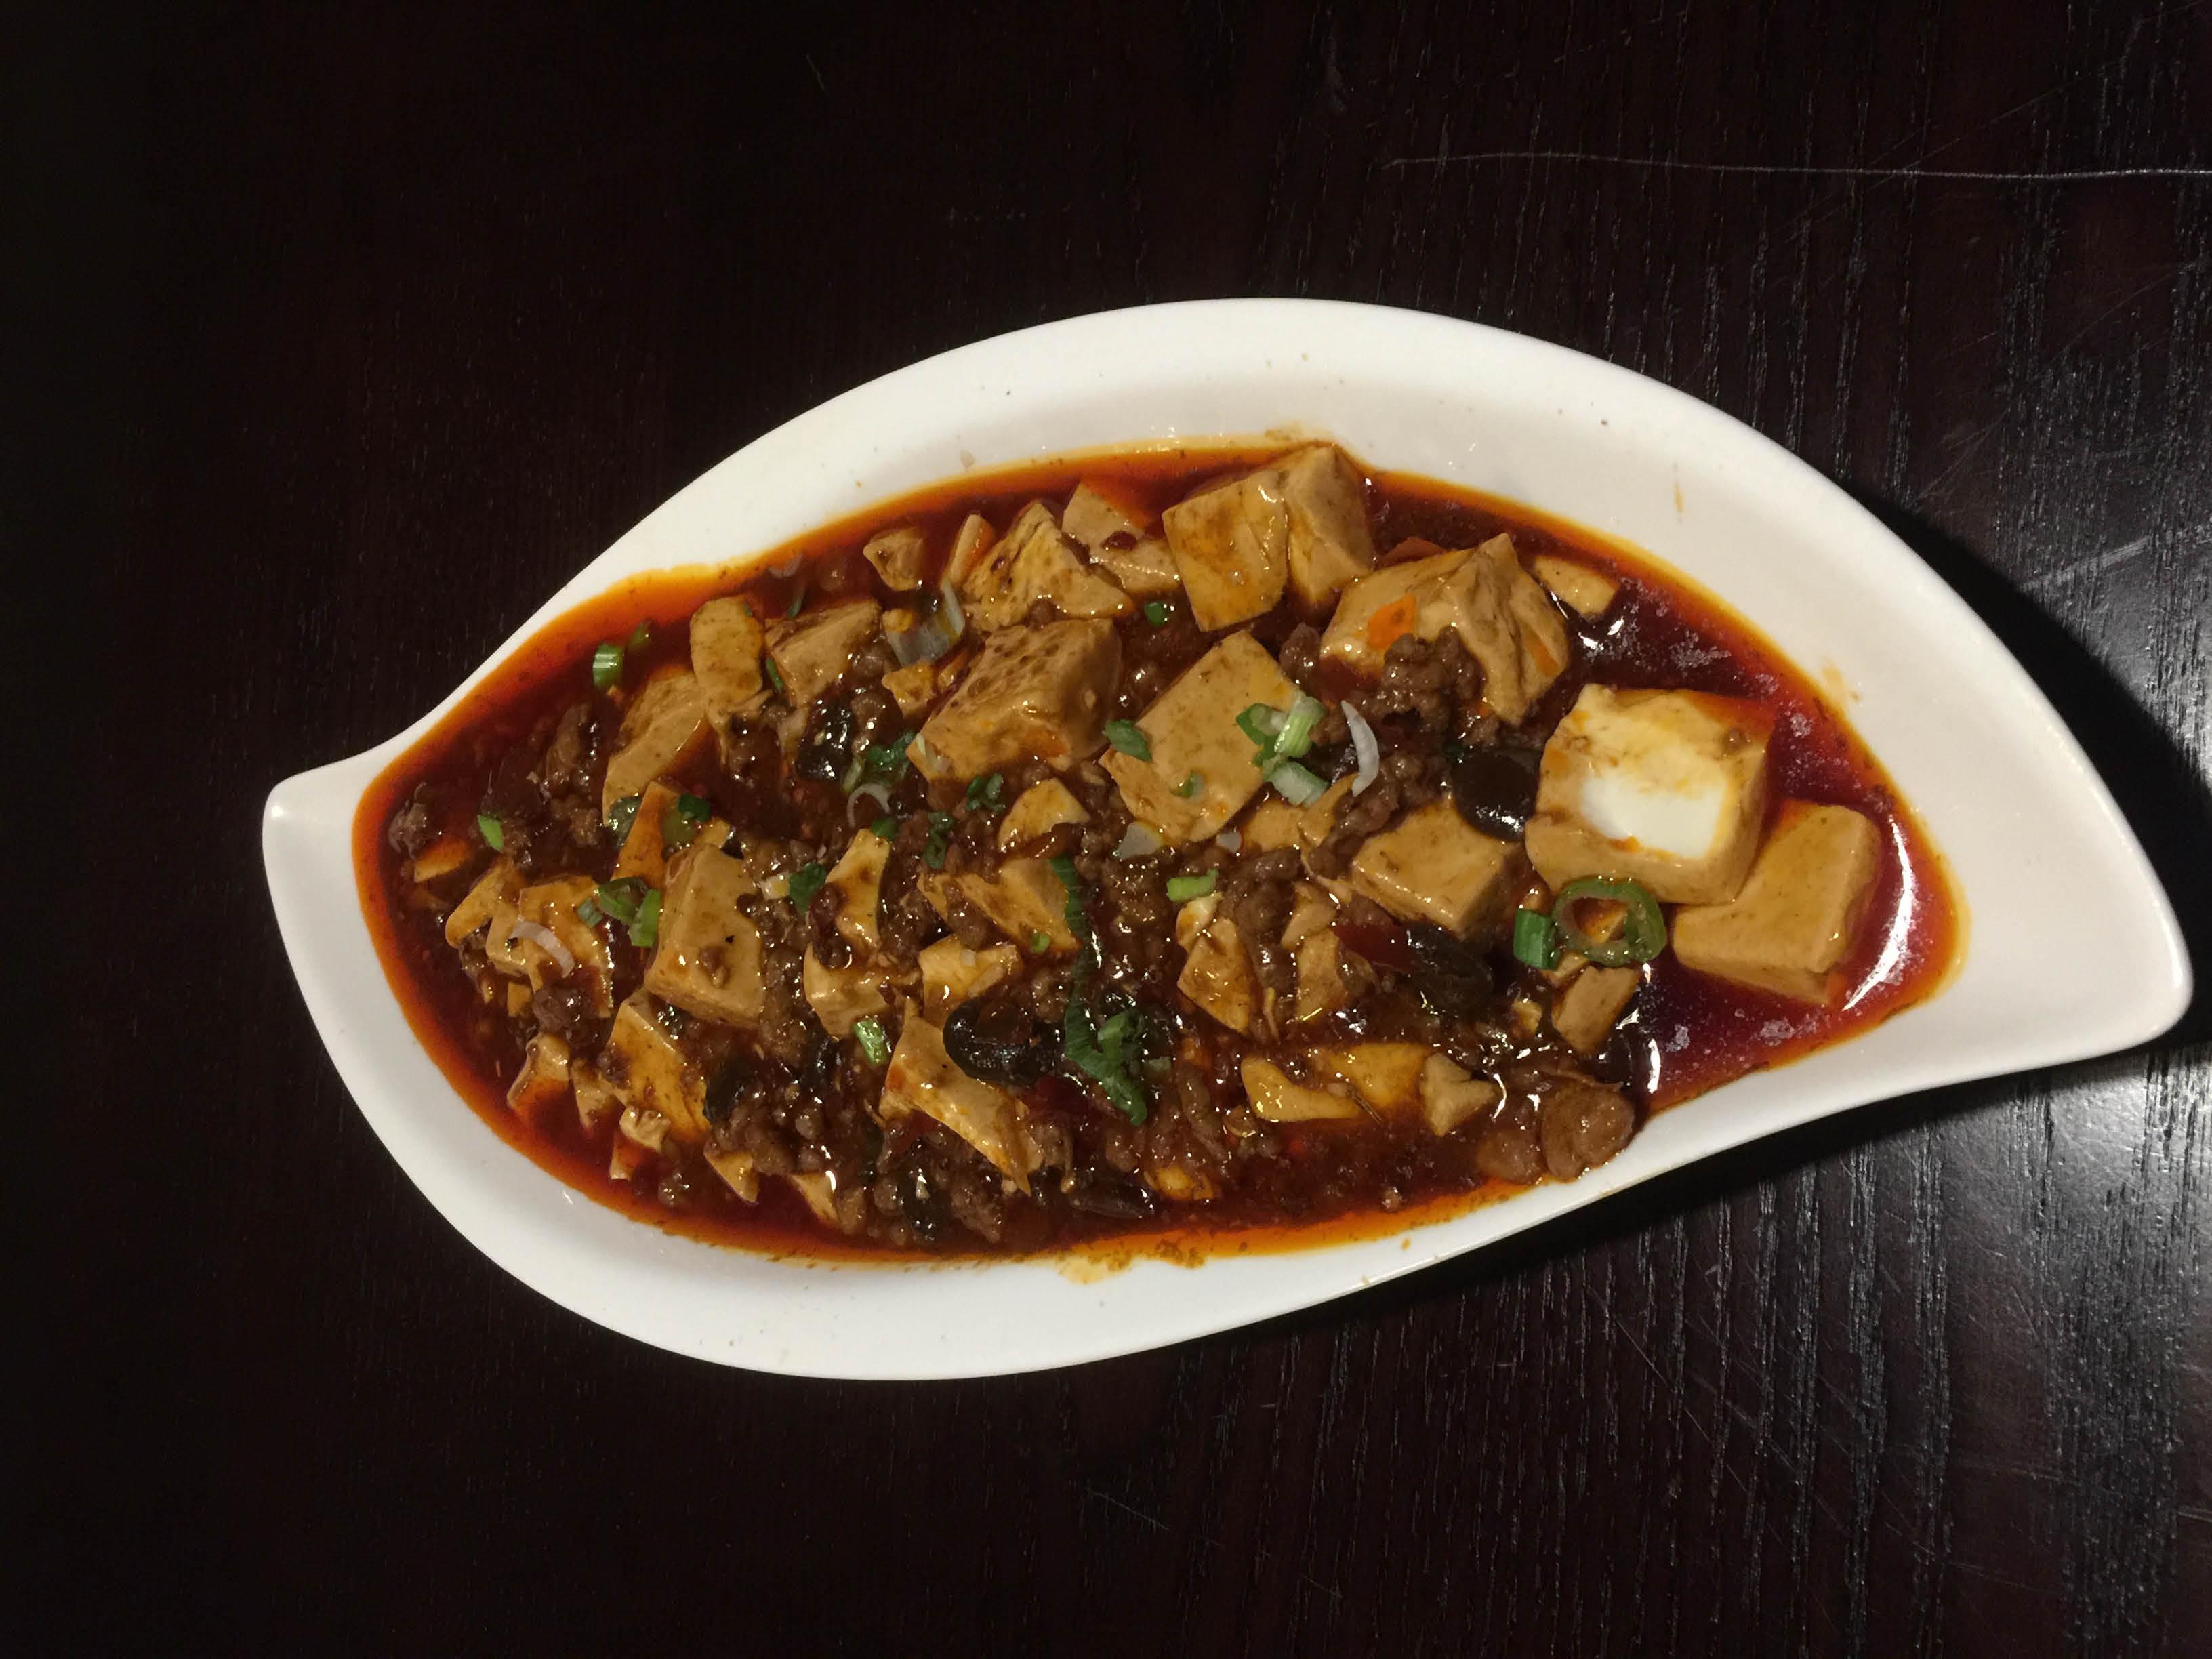 Hunan- and Mandarin-style, Chinese food dishes